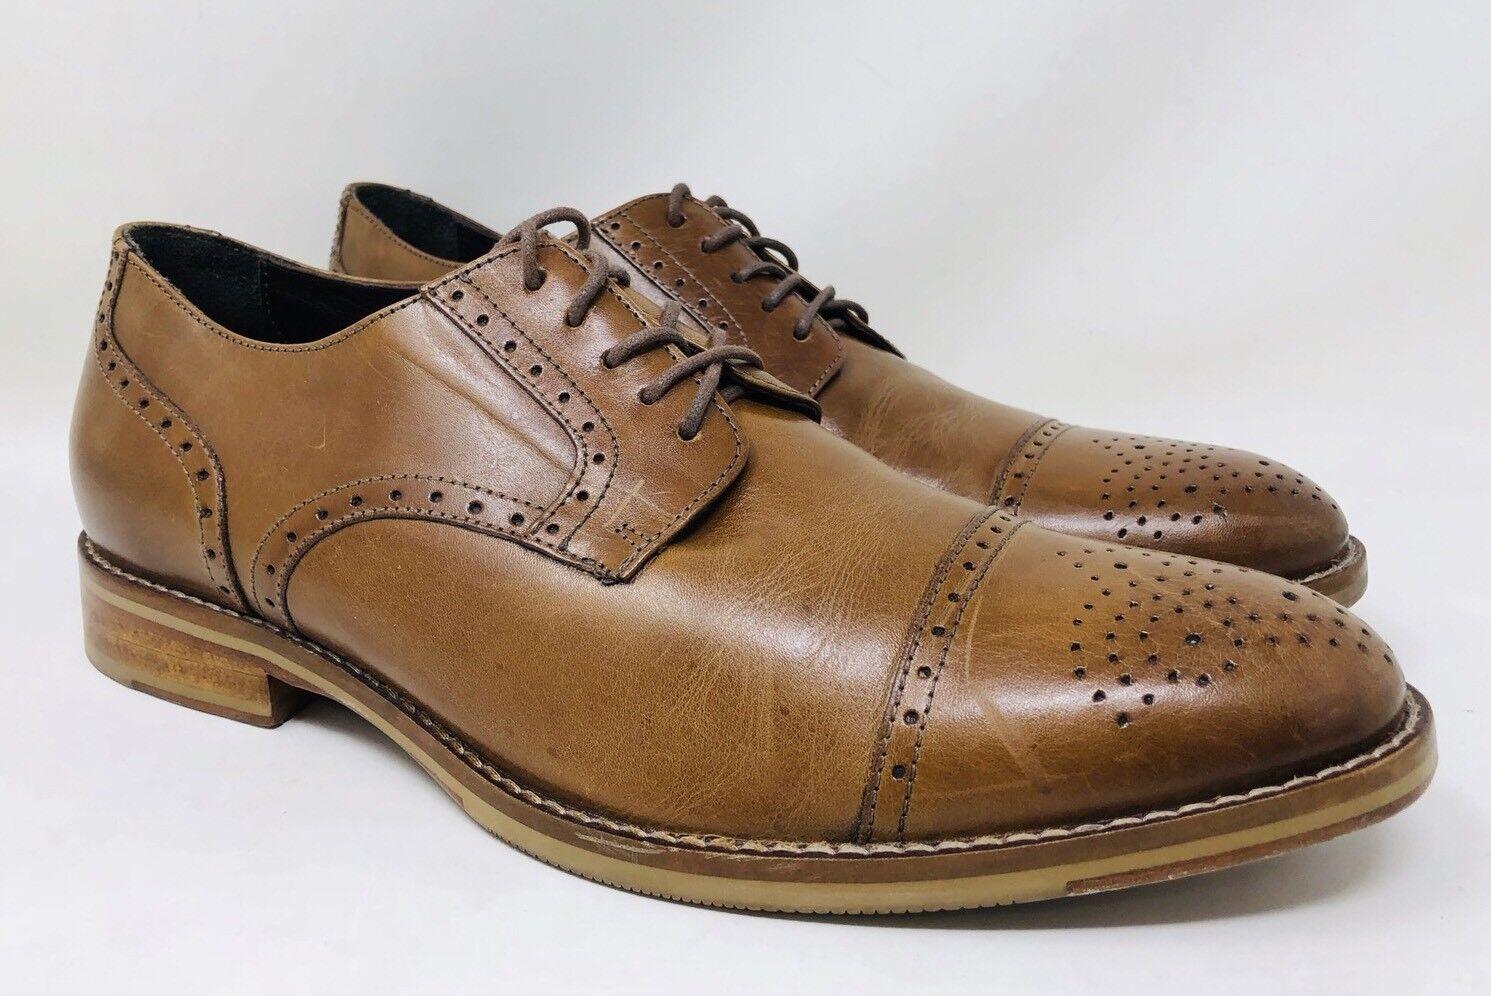 J&M 1850 Mens 'Meritt' Cap Toe Derby Tan Leather Größe Größe Größe 9 Retail  165 40f2a1